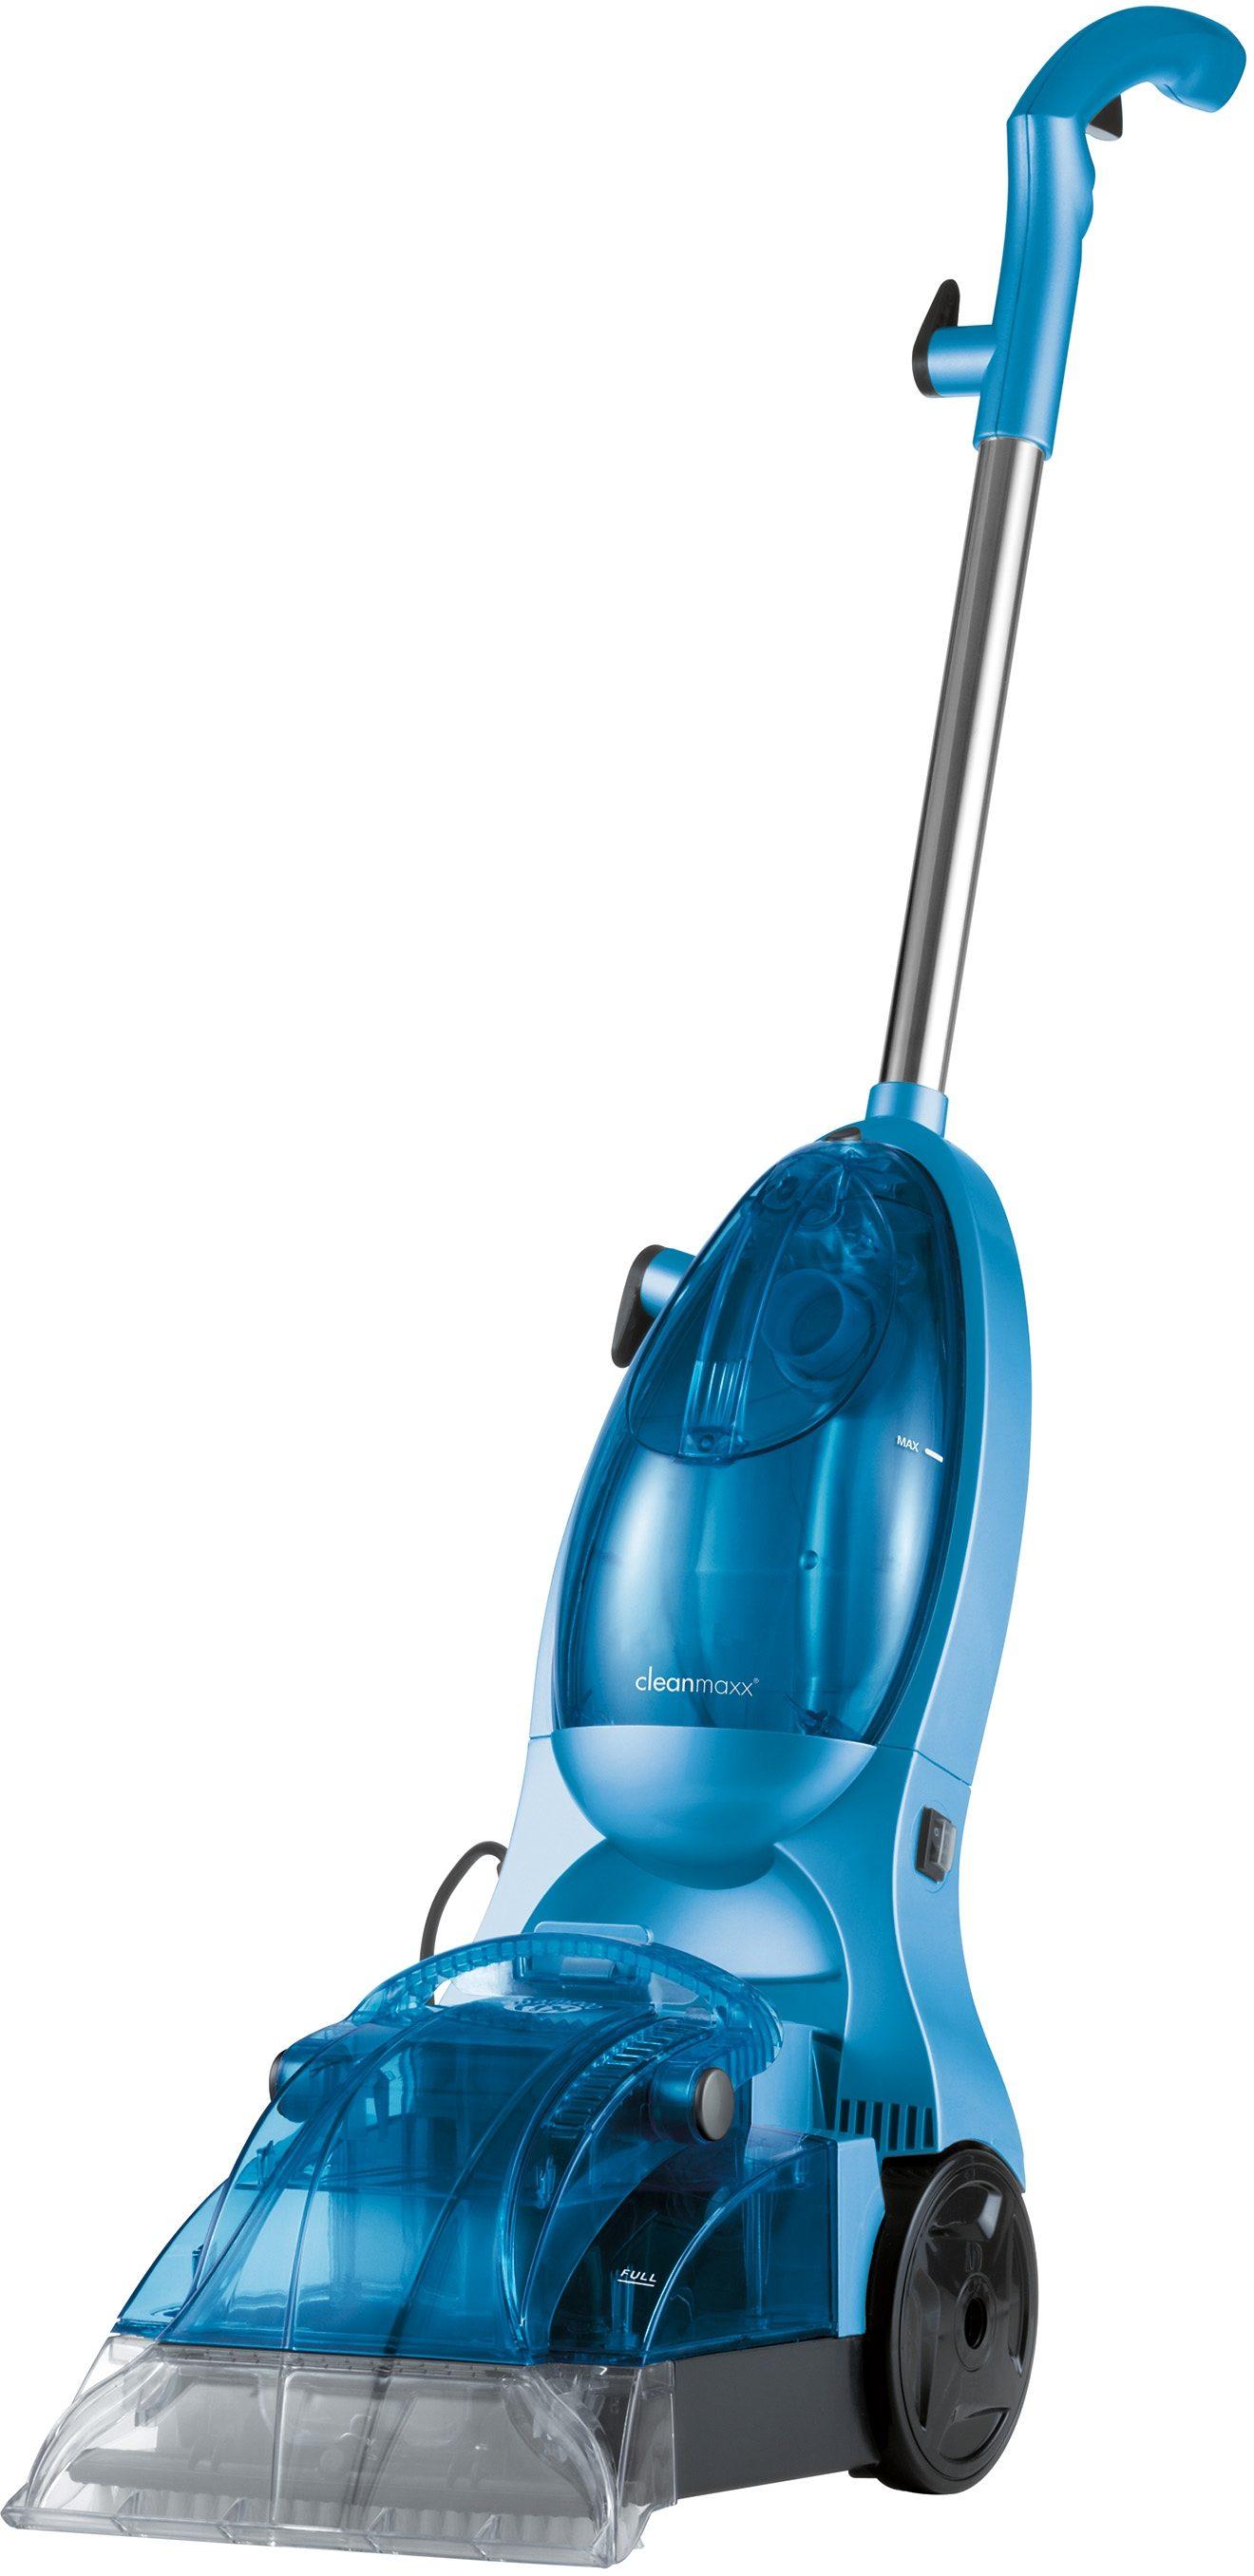 cleanmaxx Teppichreiniger eisblau inkl. 500ml Teppichshampoo